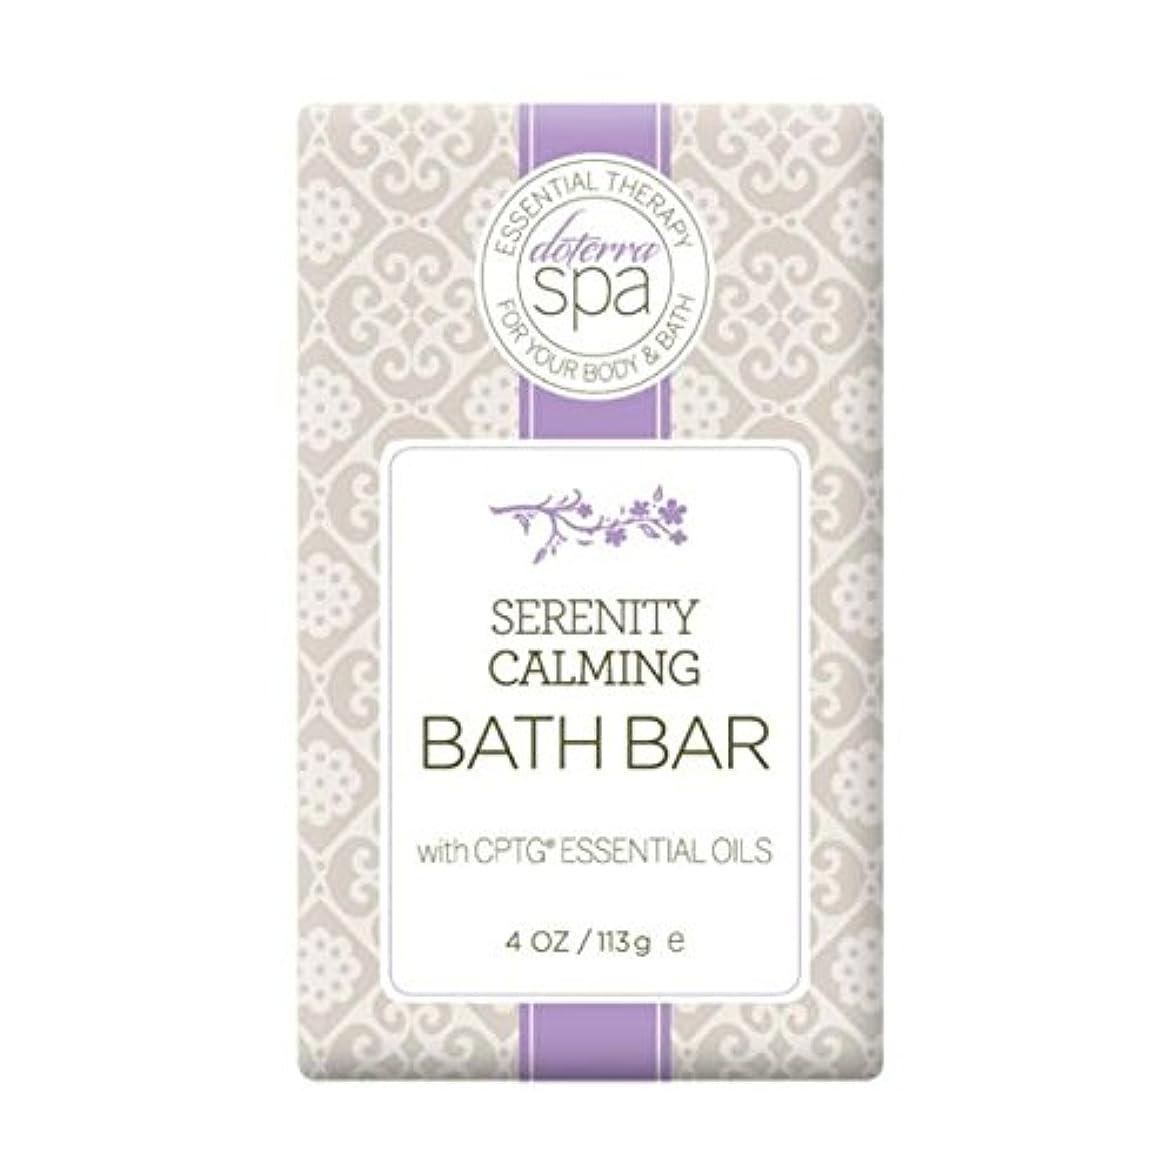 リダクター等しい復活doTERRA ドテラ スパ SPA Bath Bar  Serenity Calming バスバー(日本国内販売名:ウェーブリズム) 一等級精油 113g 100%CPTG [海外直送品]